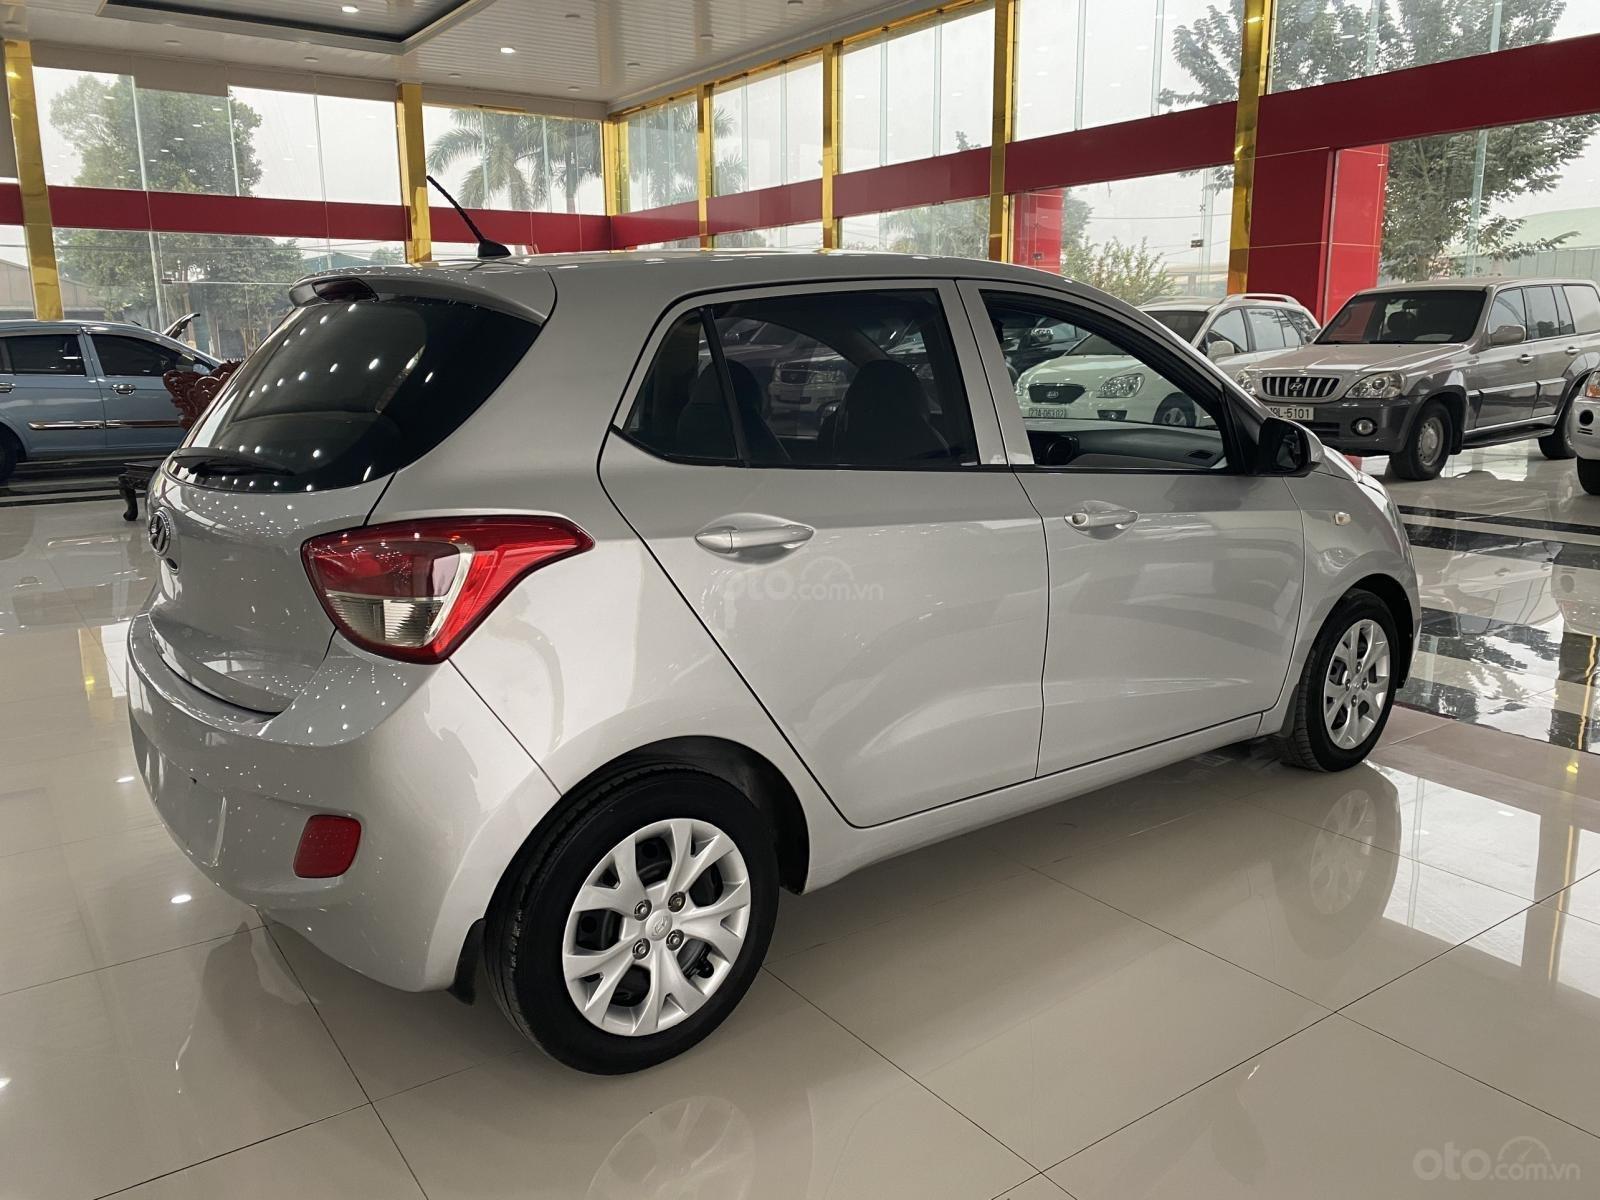 Bán gấp với giá ưu đãi Hyundai i10 1.0 MT sx 2014 (6)